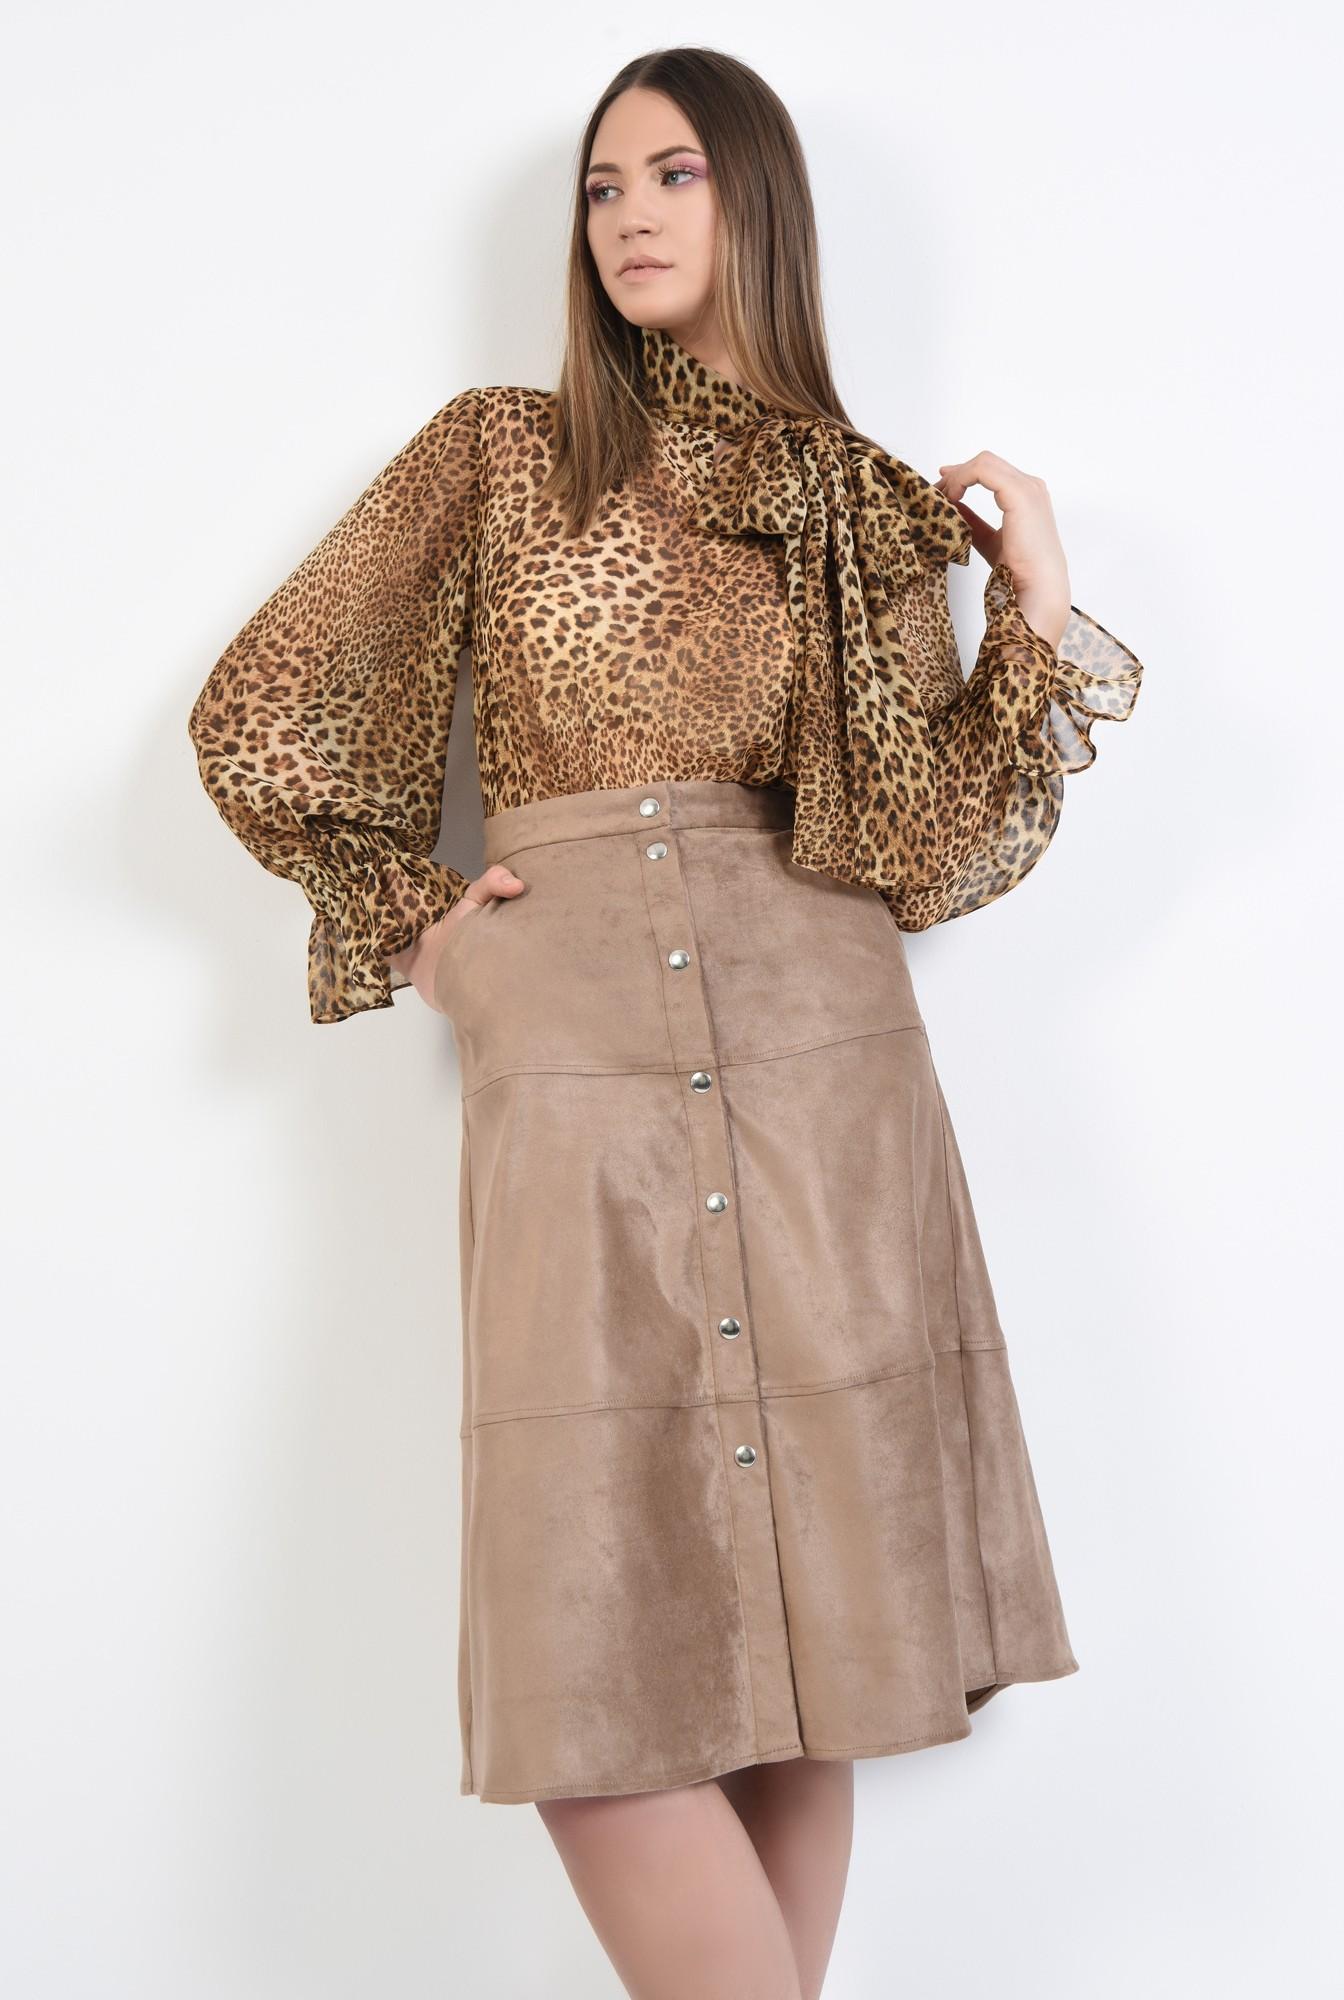 2 - fusta din velur, inchidere cu capse, cusaturi decorative, buzunare